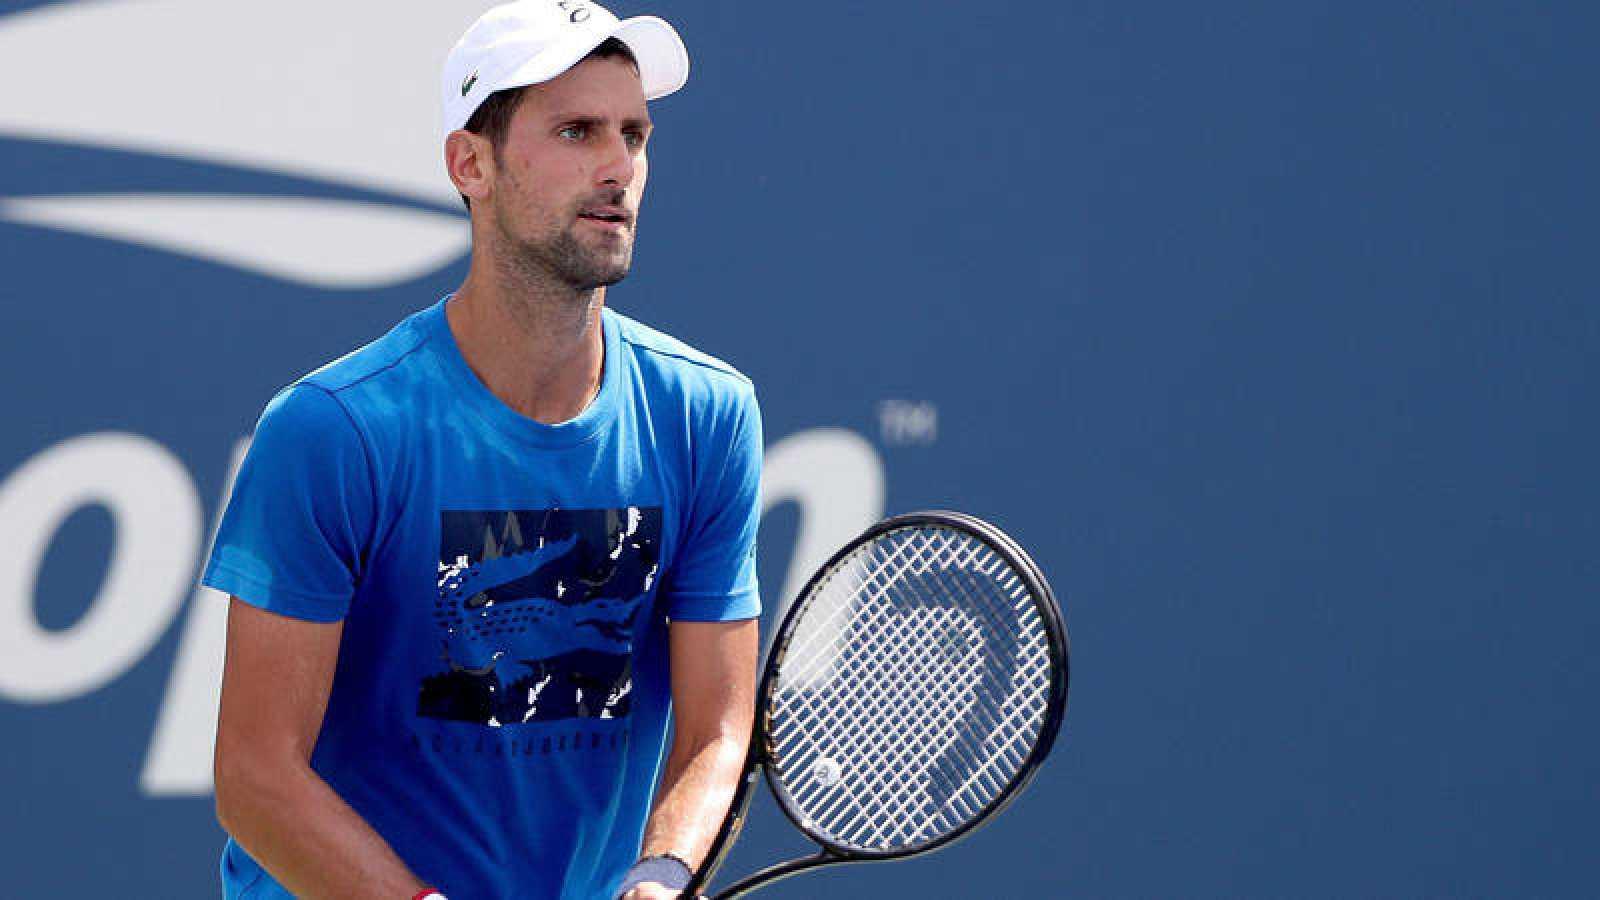 El serbio Novak Djokovic, entrenando en Nueva York para el US Open.